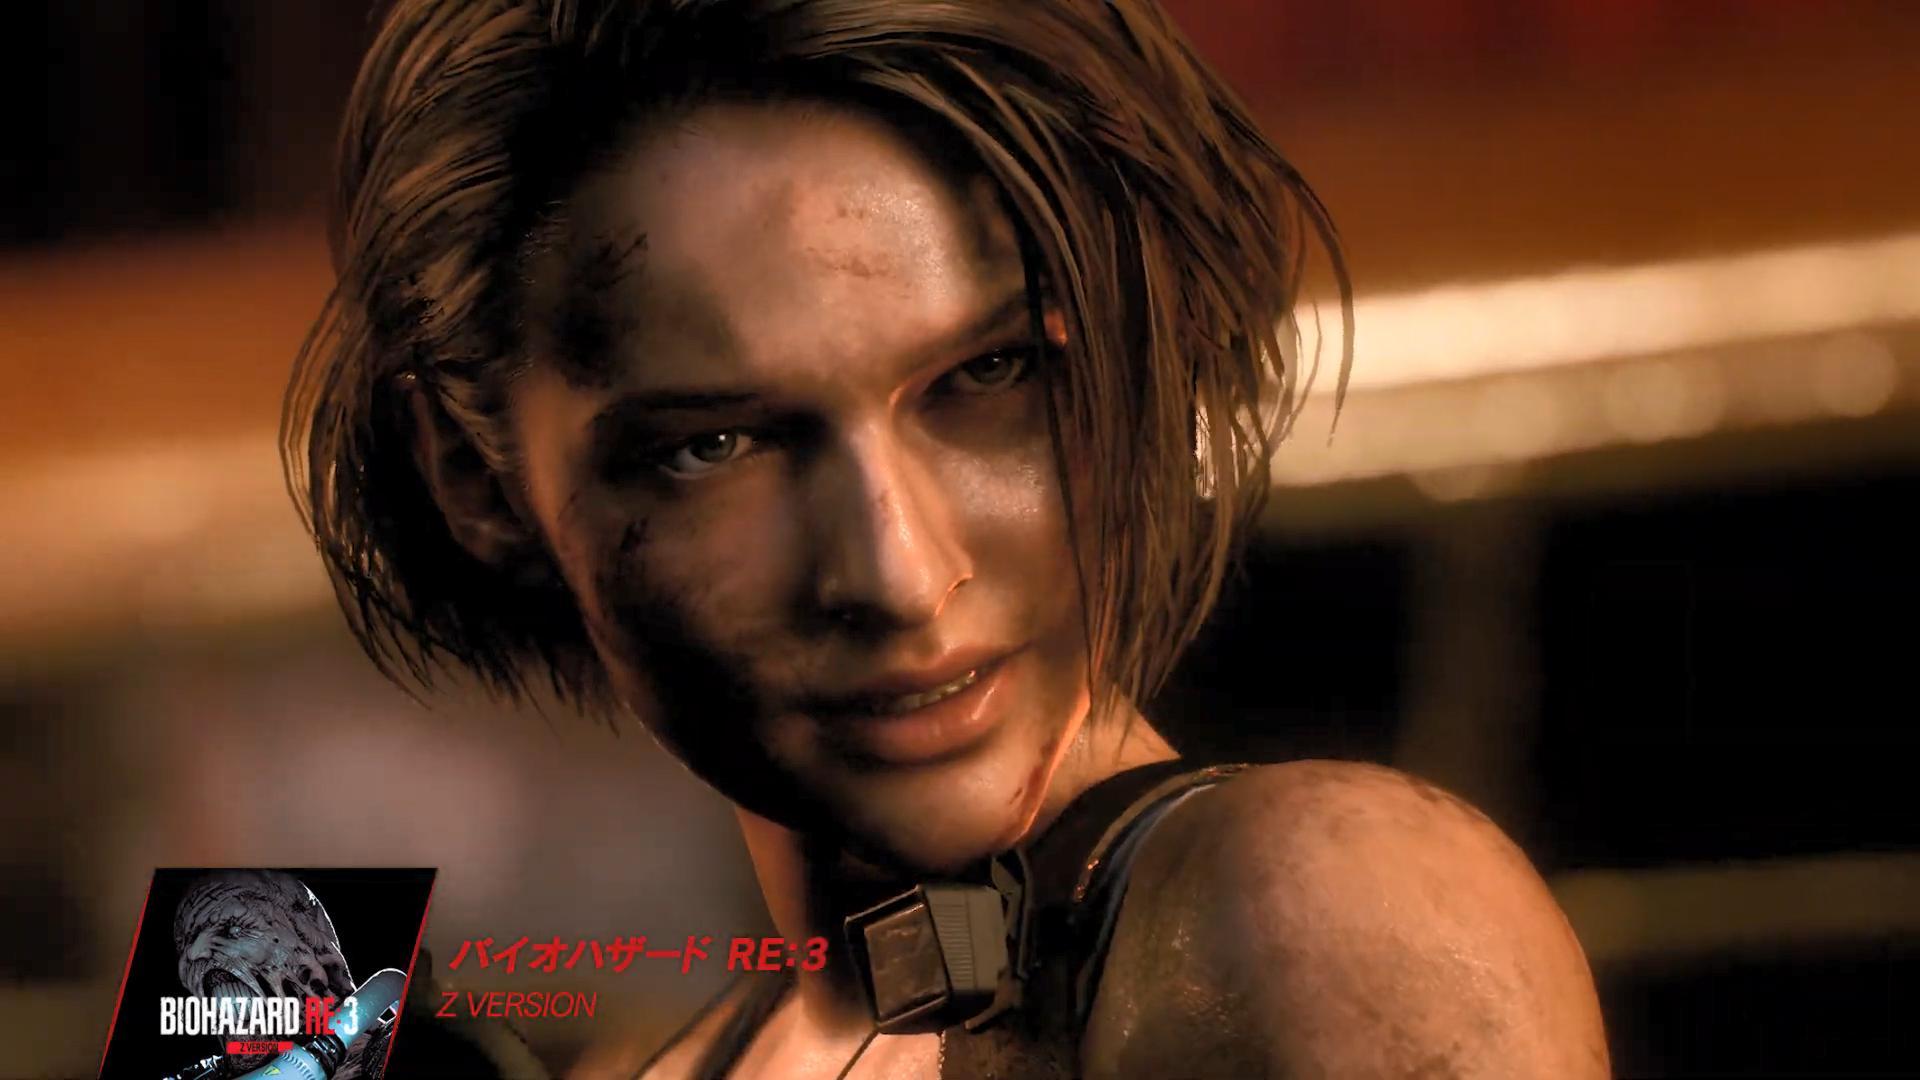 卡普空推出PS4《生化危机 25周年 剧情收藏版》 11月25日发售插图11